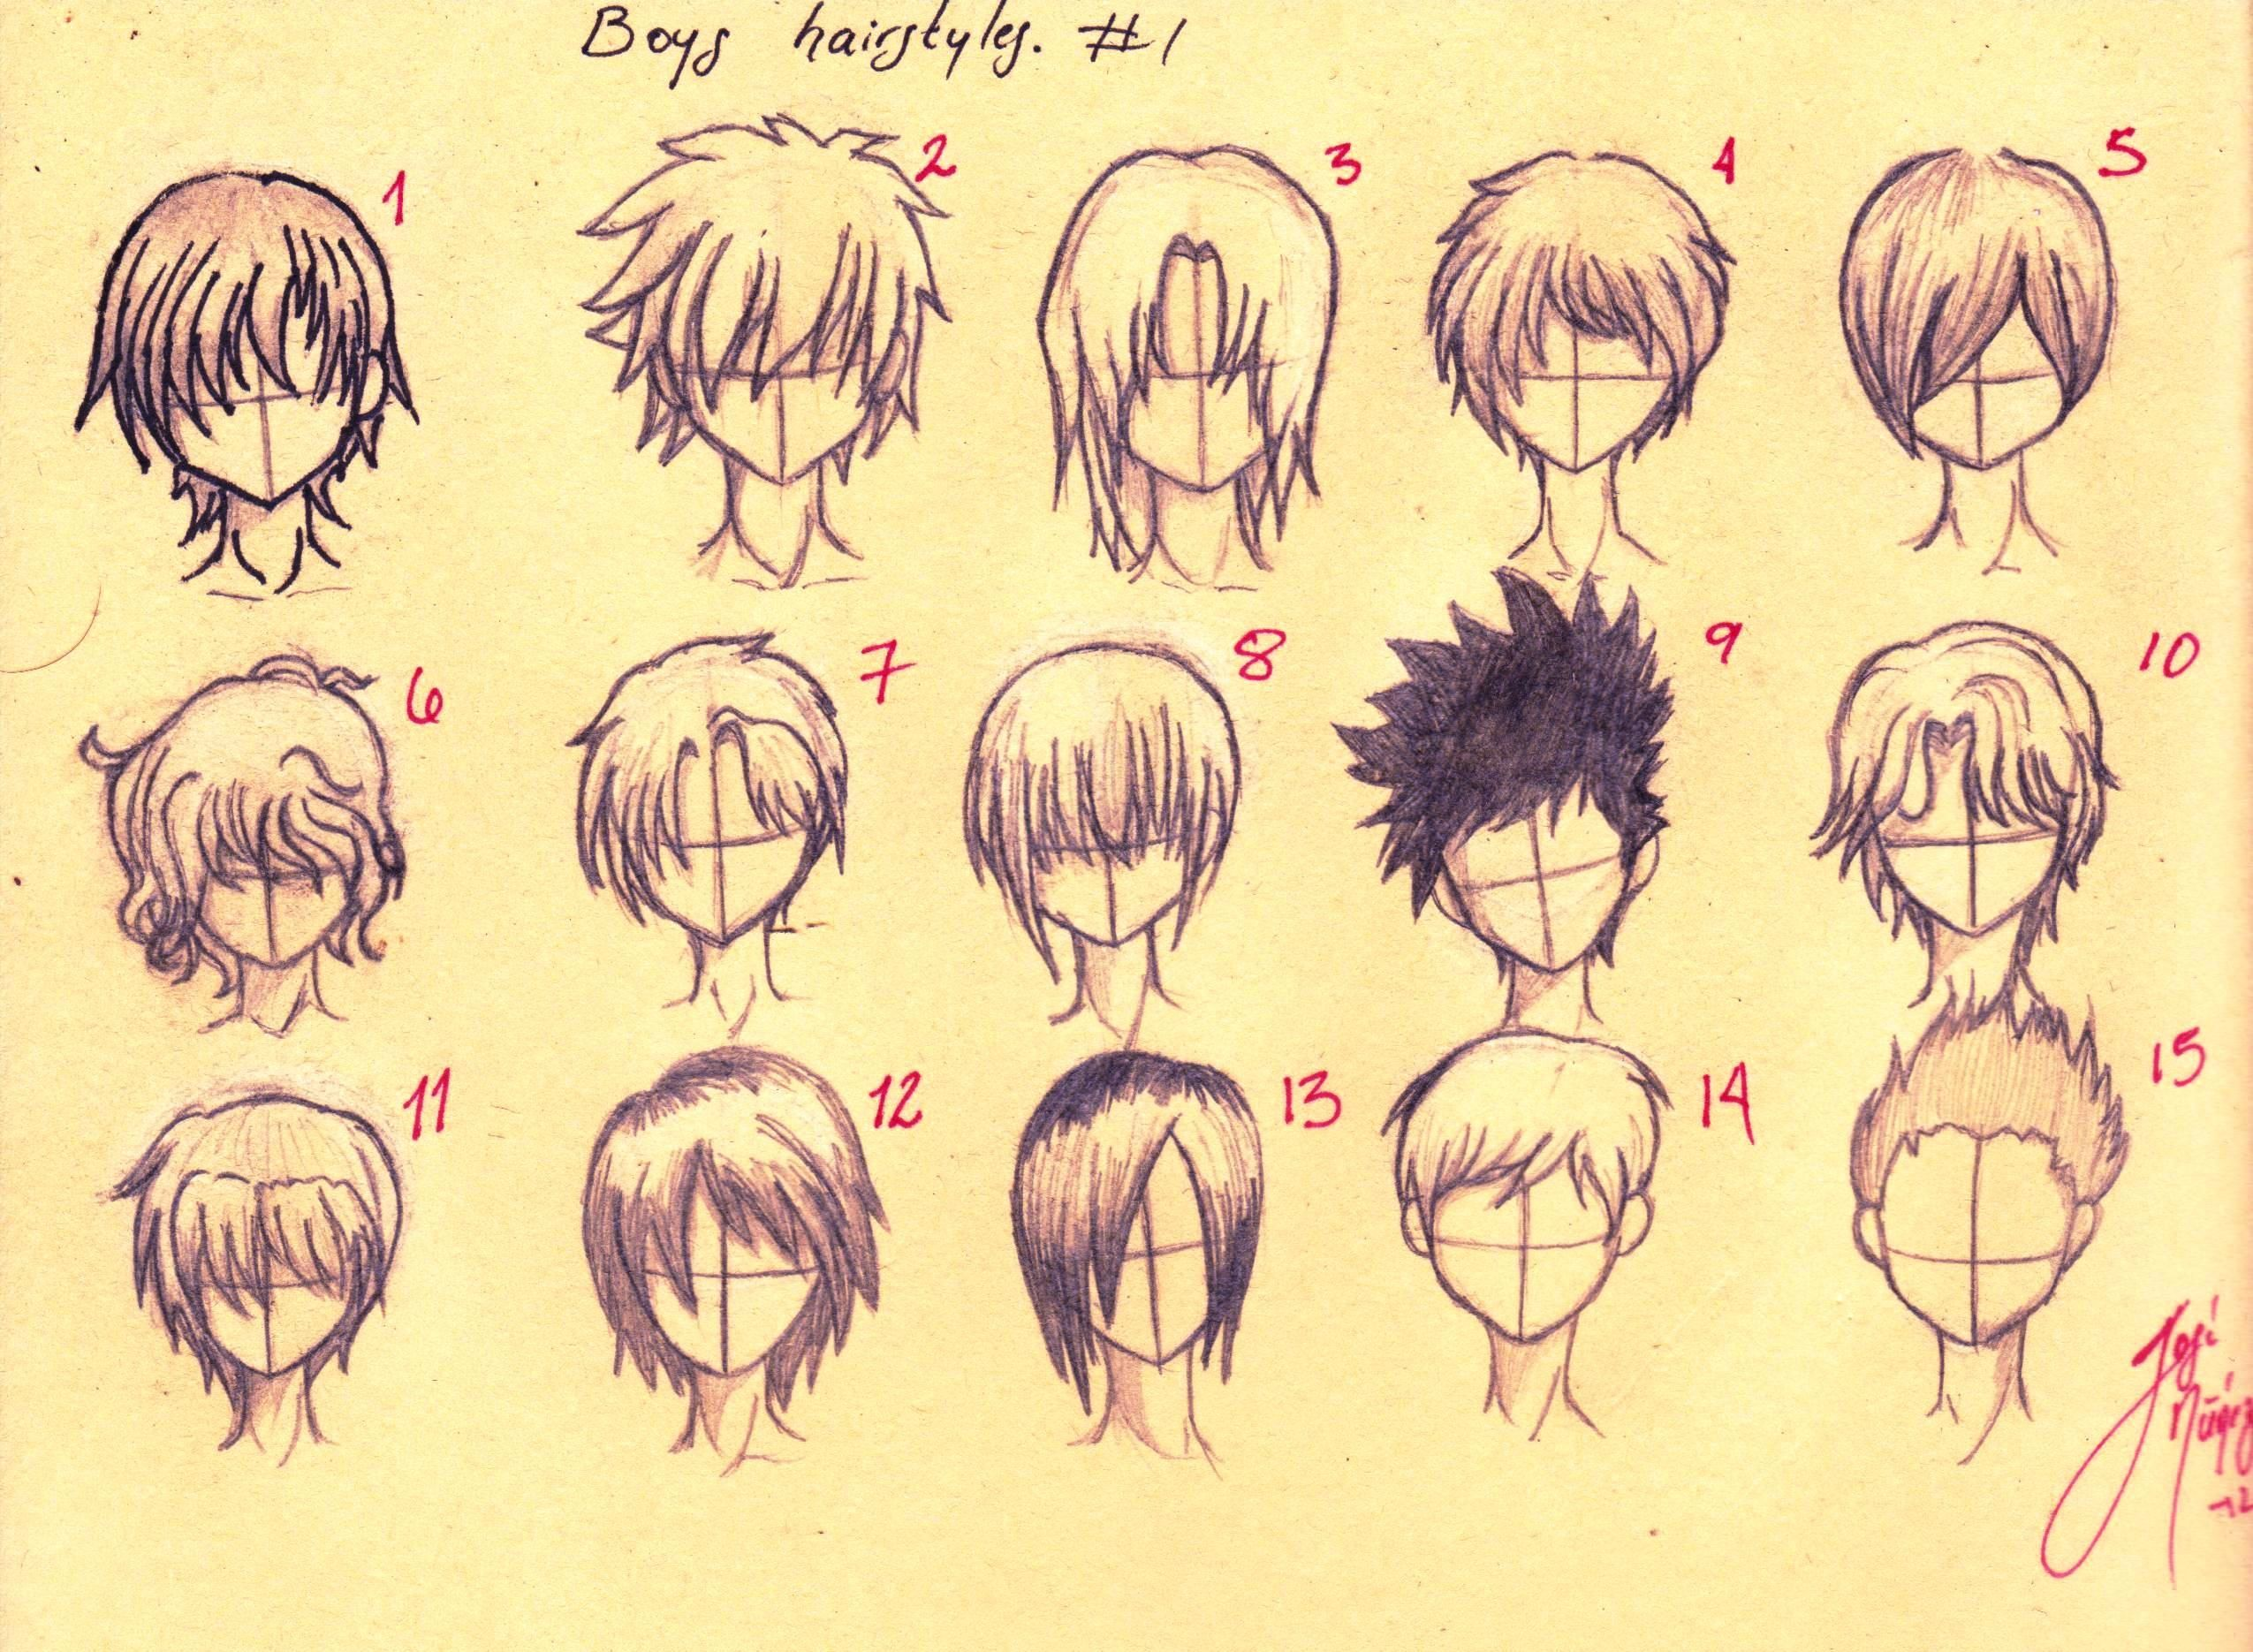 Pin By Art World And Anime On Hair Cabello Anime Boy Hair Anime Hair Manga Hair